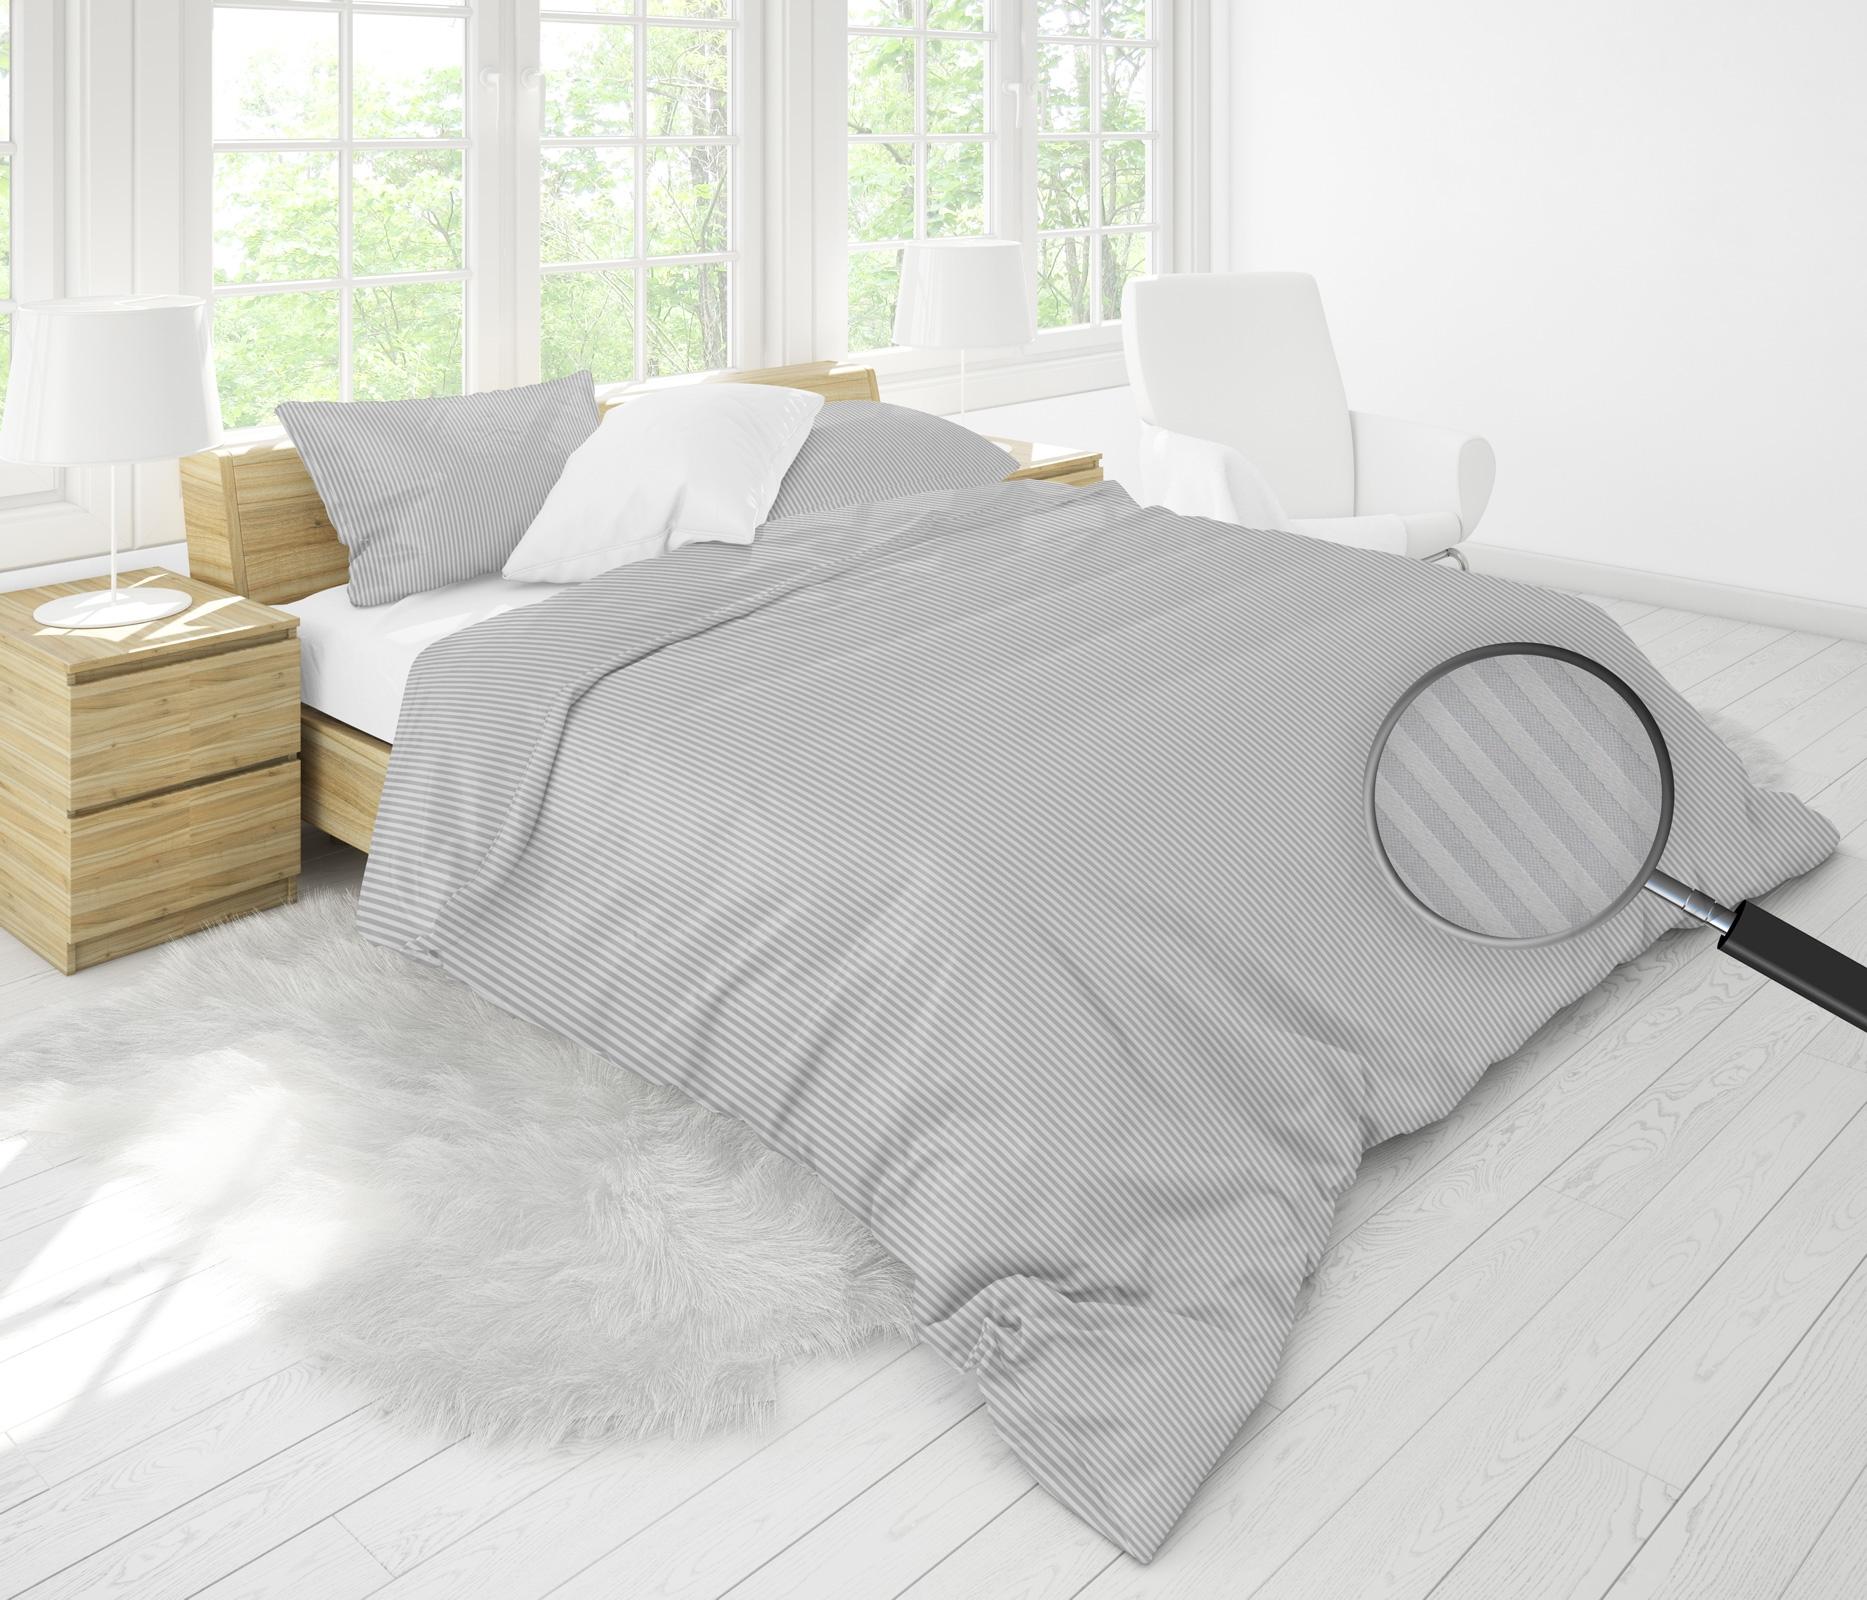 Bettwäsche - MOON Luxury Damast Bettwäsche 3mm Streifen grau 155x220 80x80 100 Baumwolle YKK Reißverschluss  - Onlineshop PremiumShop321